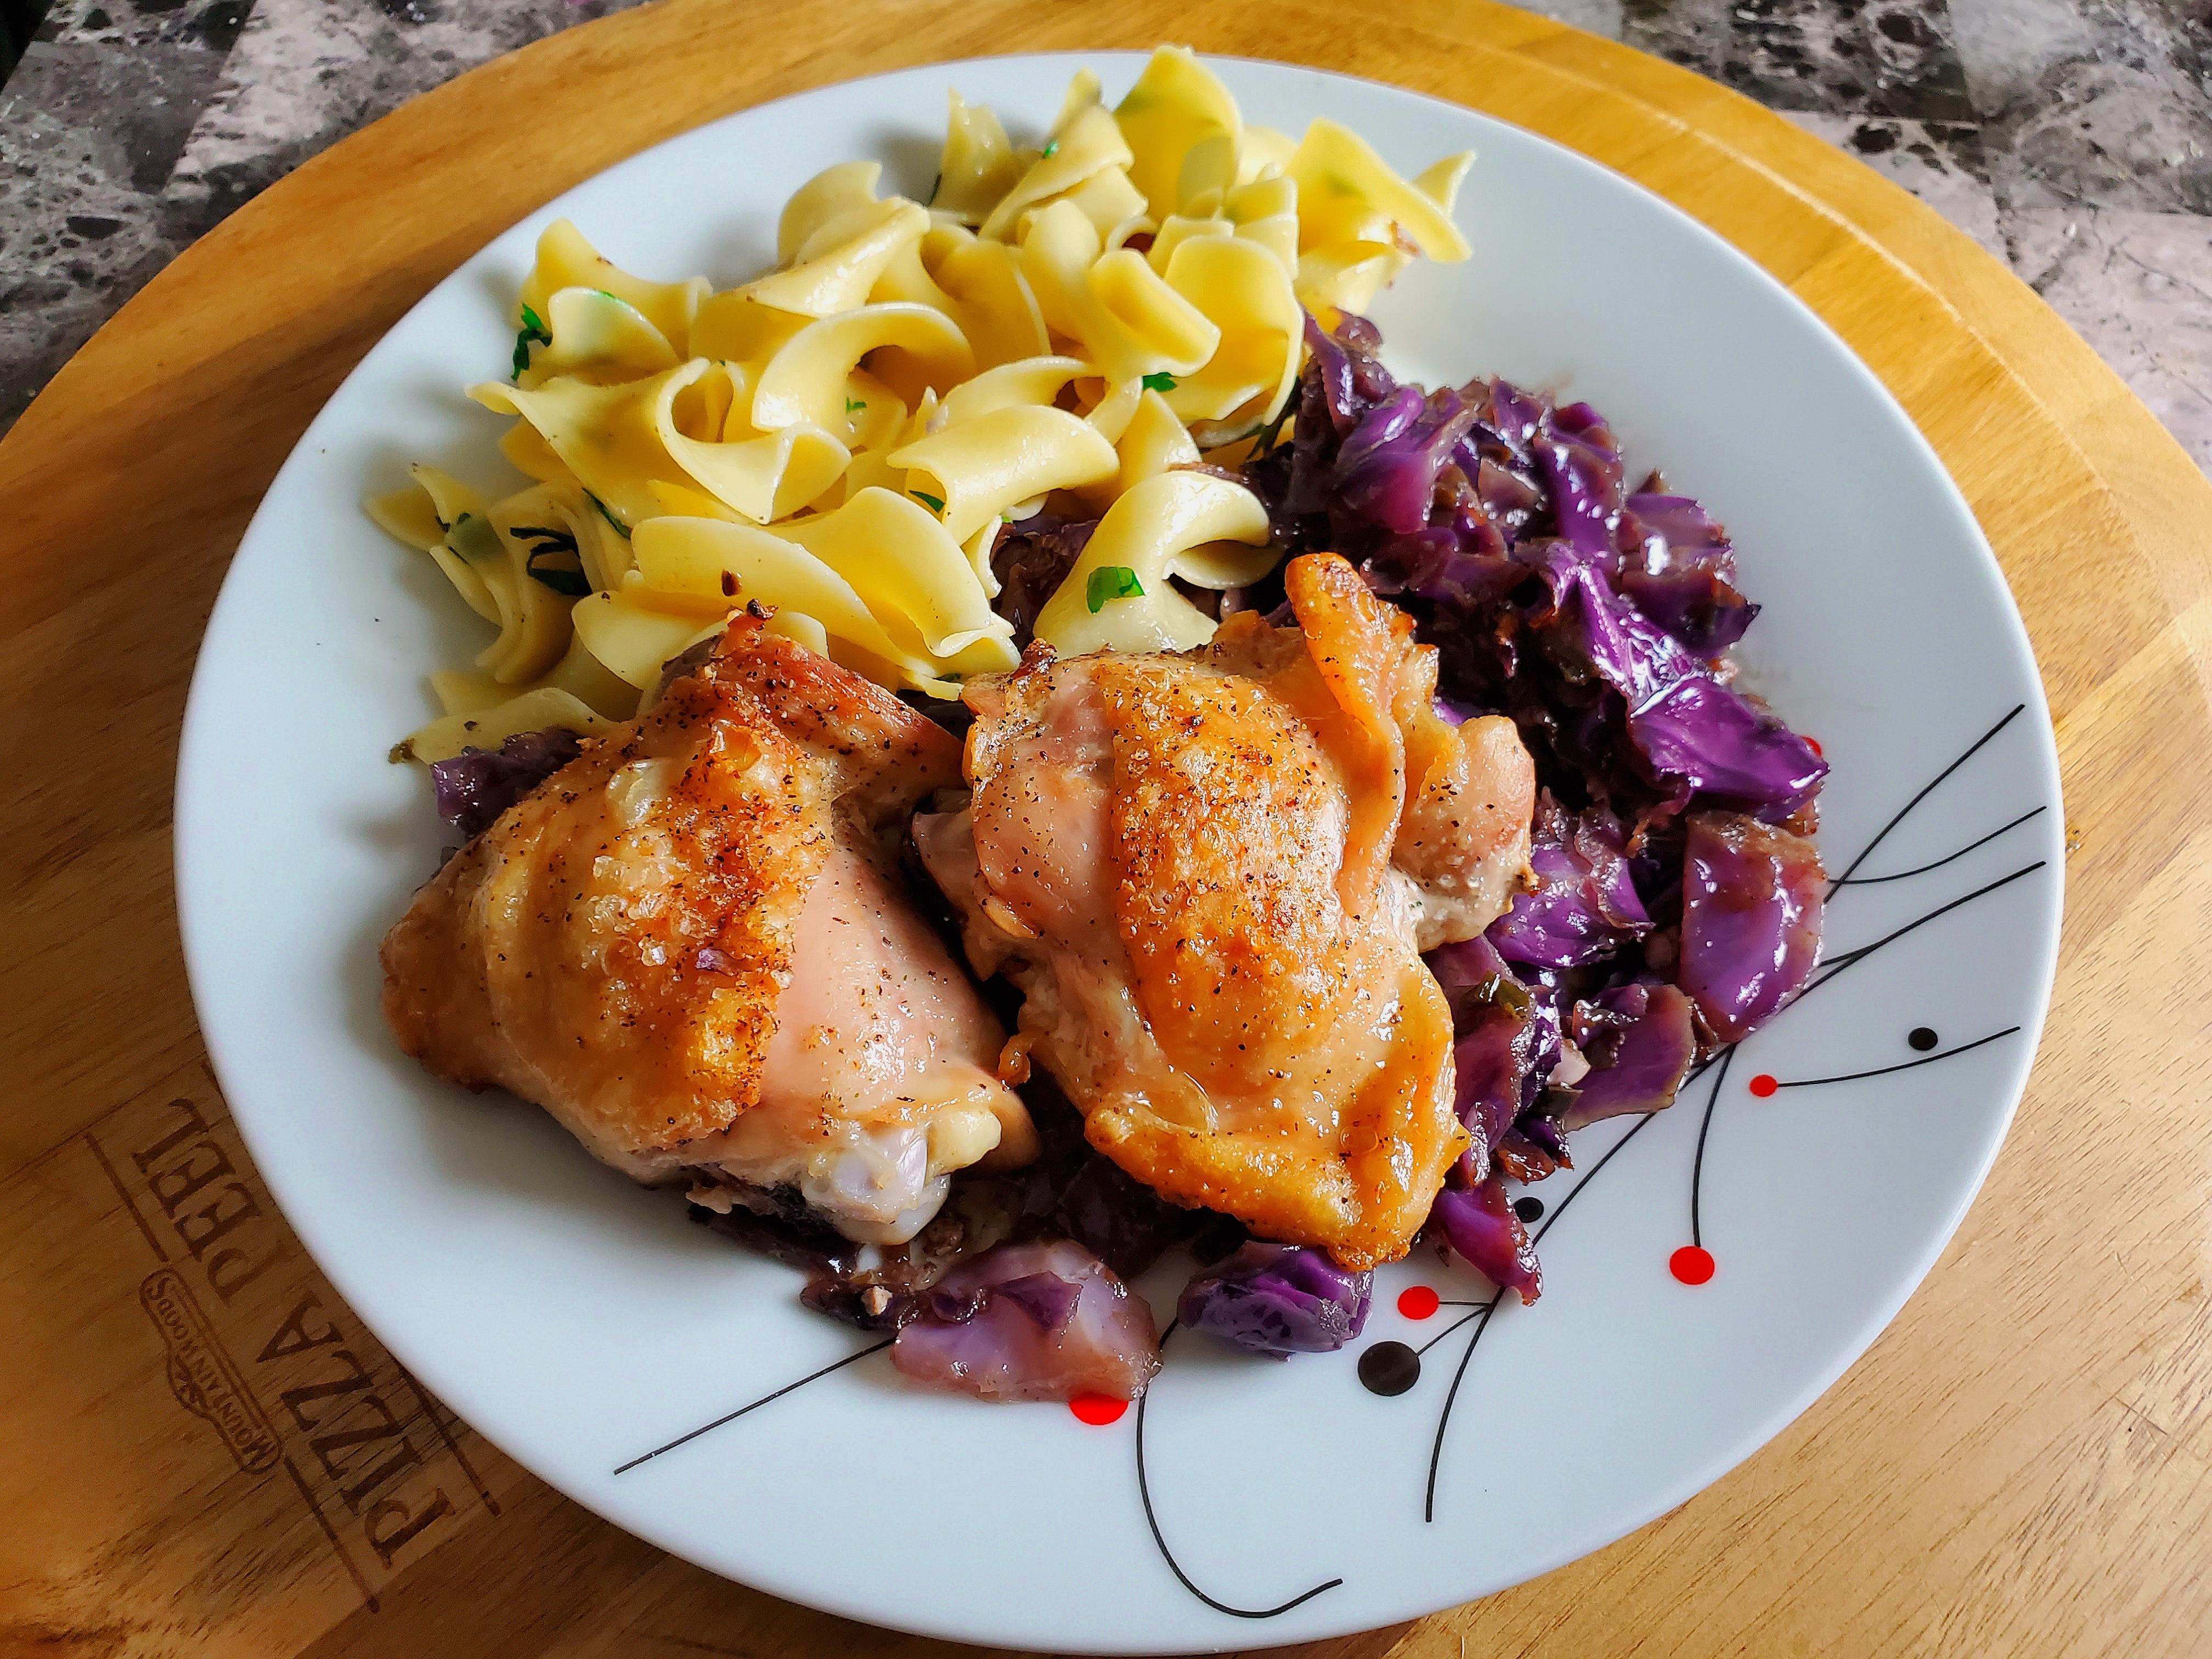 Saucy Skillet Chicken Thighs & Braised Cabbage